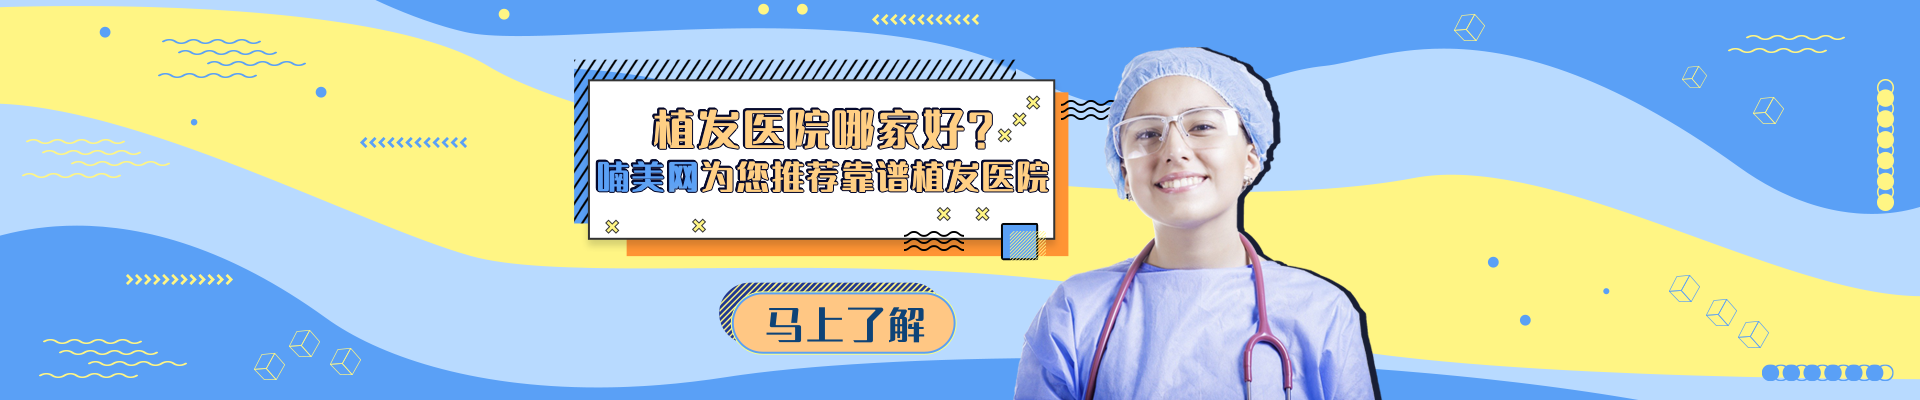 喃美植发网-全国专业靠谱植发医院医生咨询预约平台